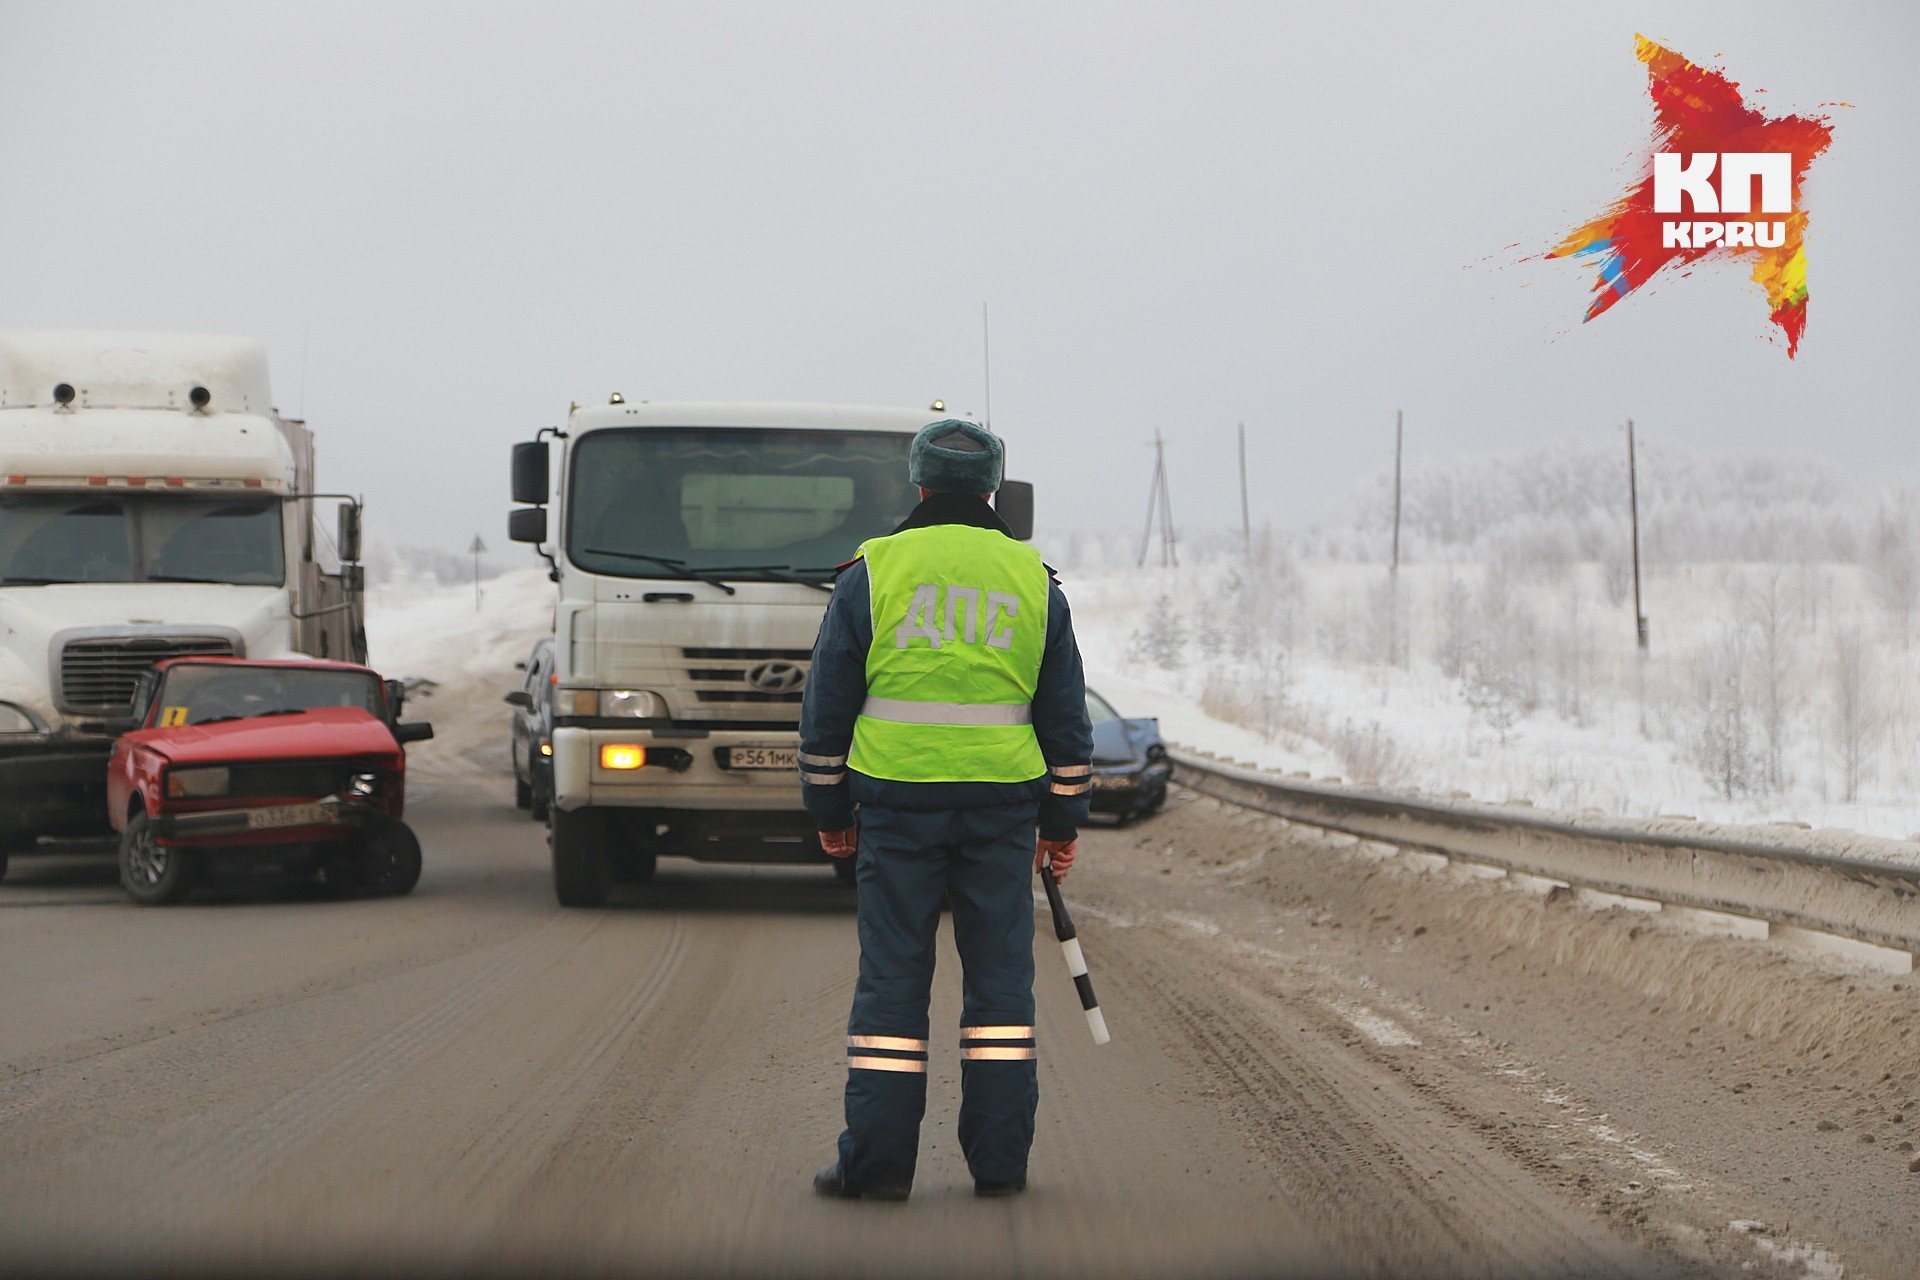 ВКрасноярске автобус спассажирами влетел встолб